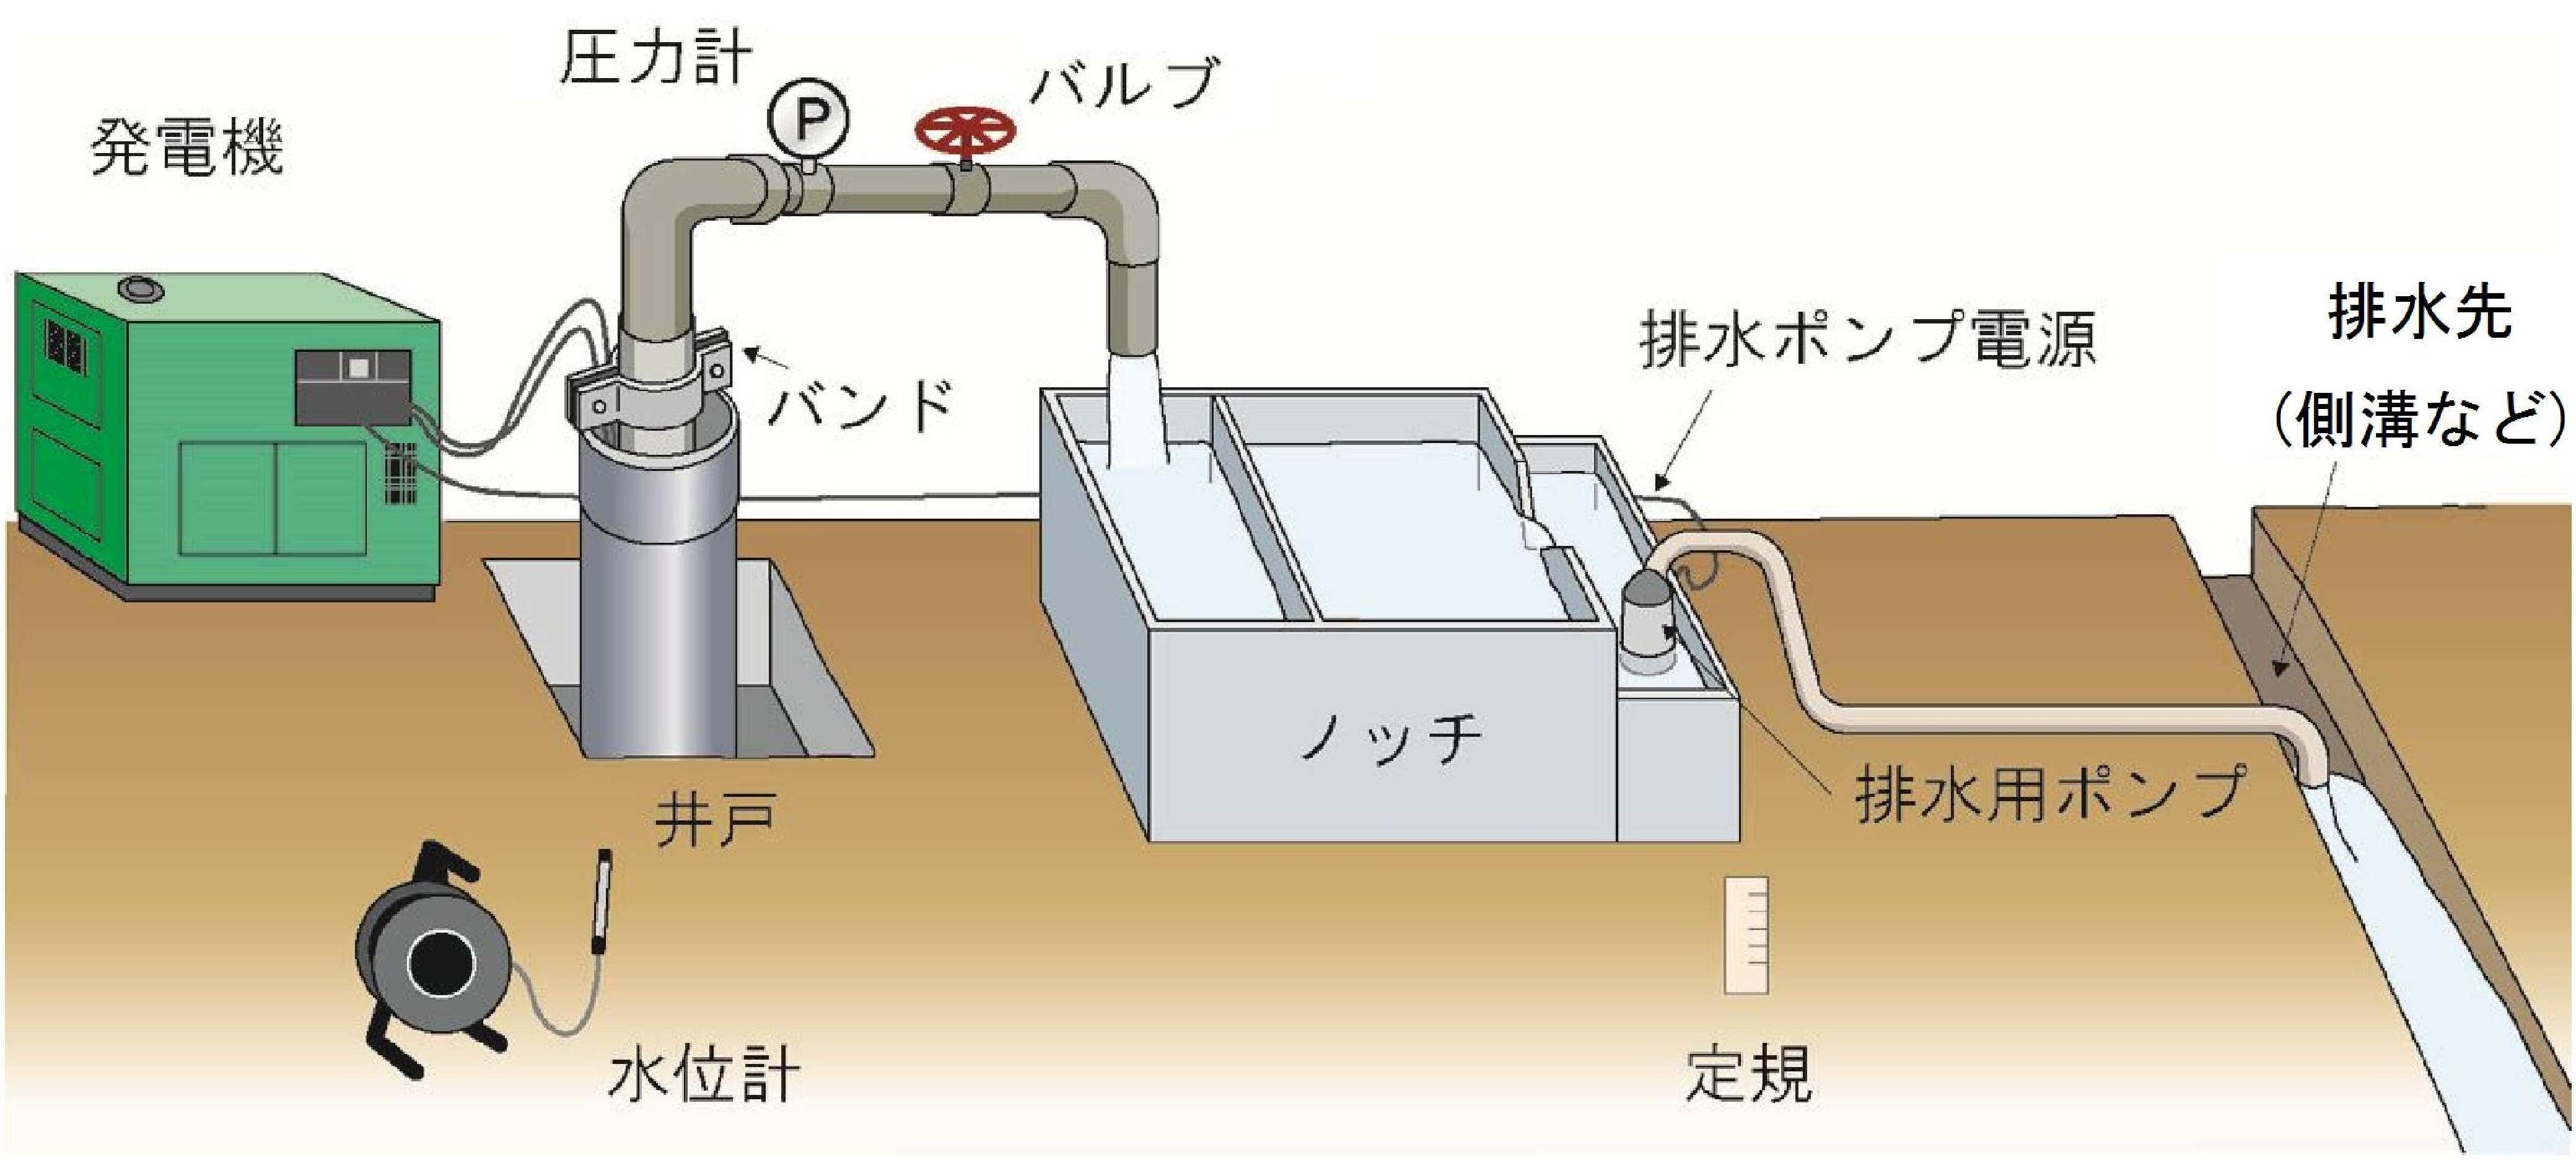 揚水試験施設の配置例